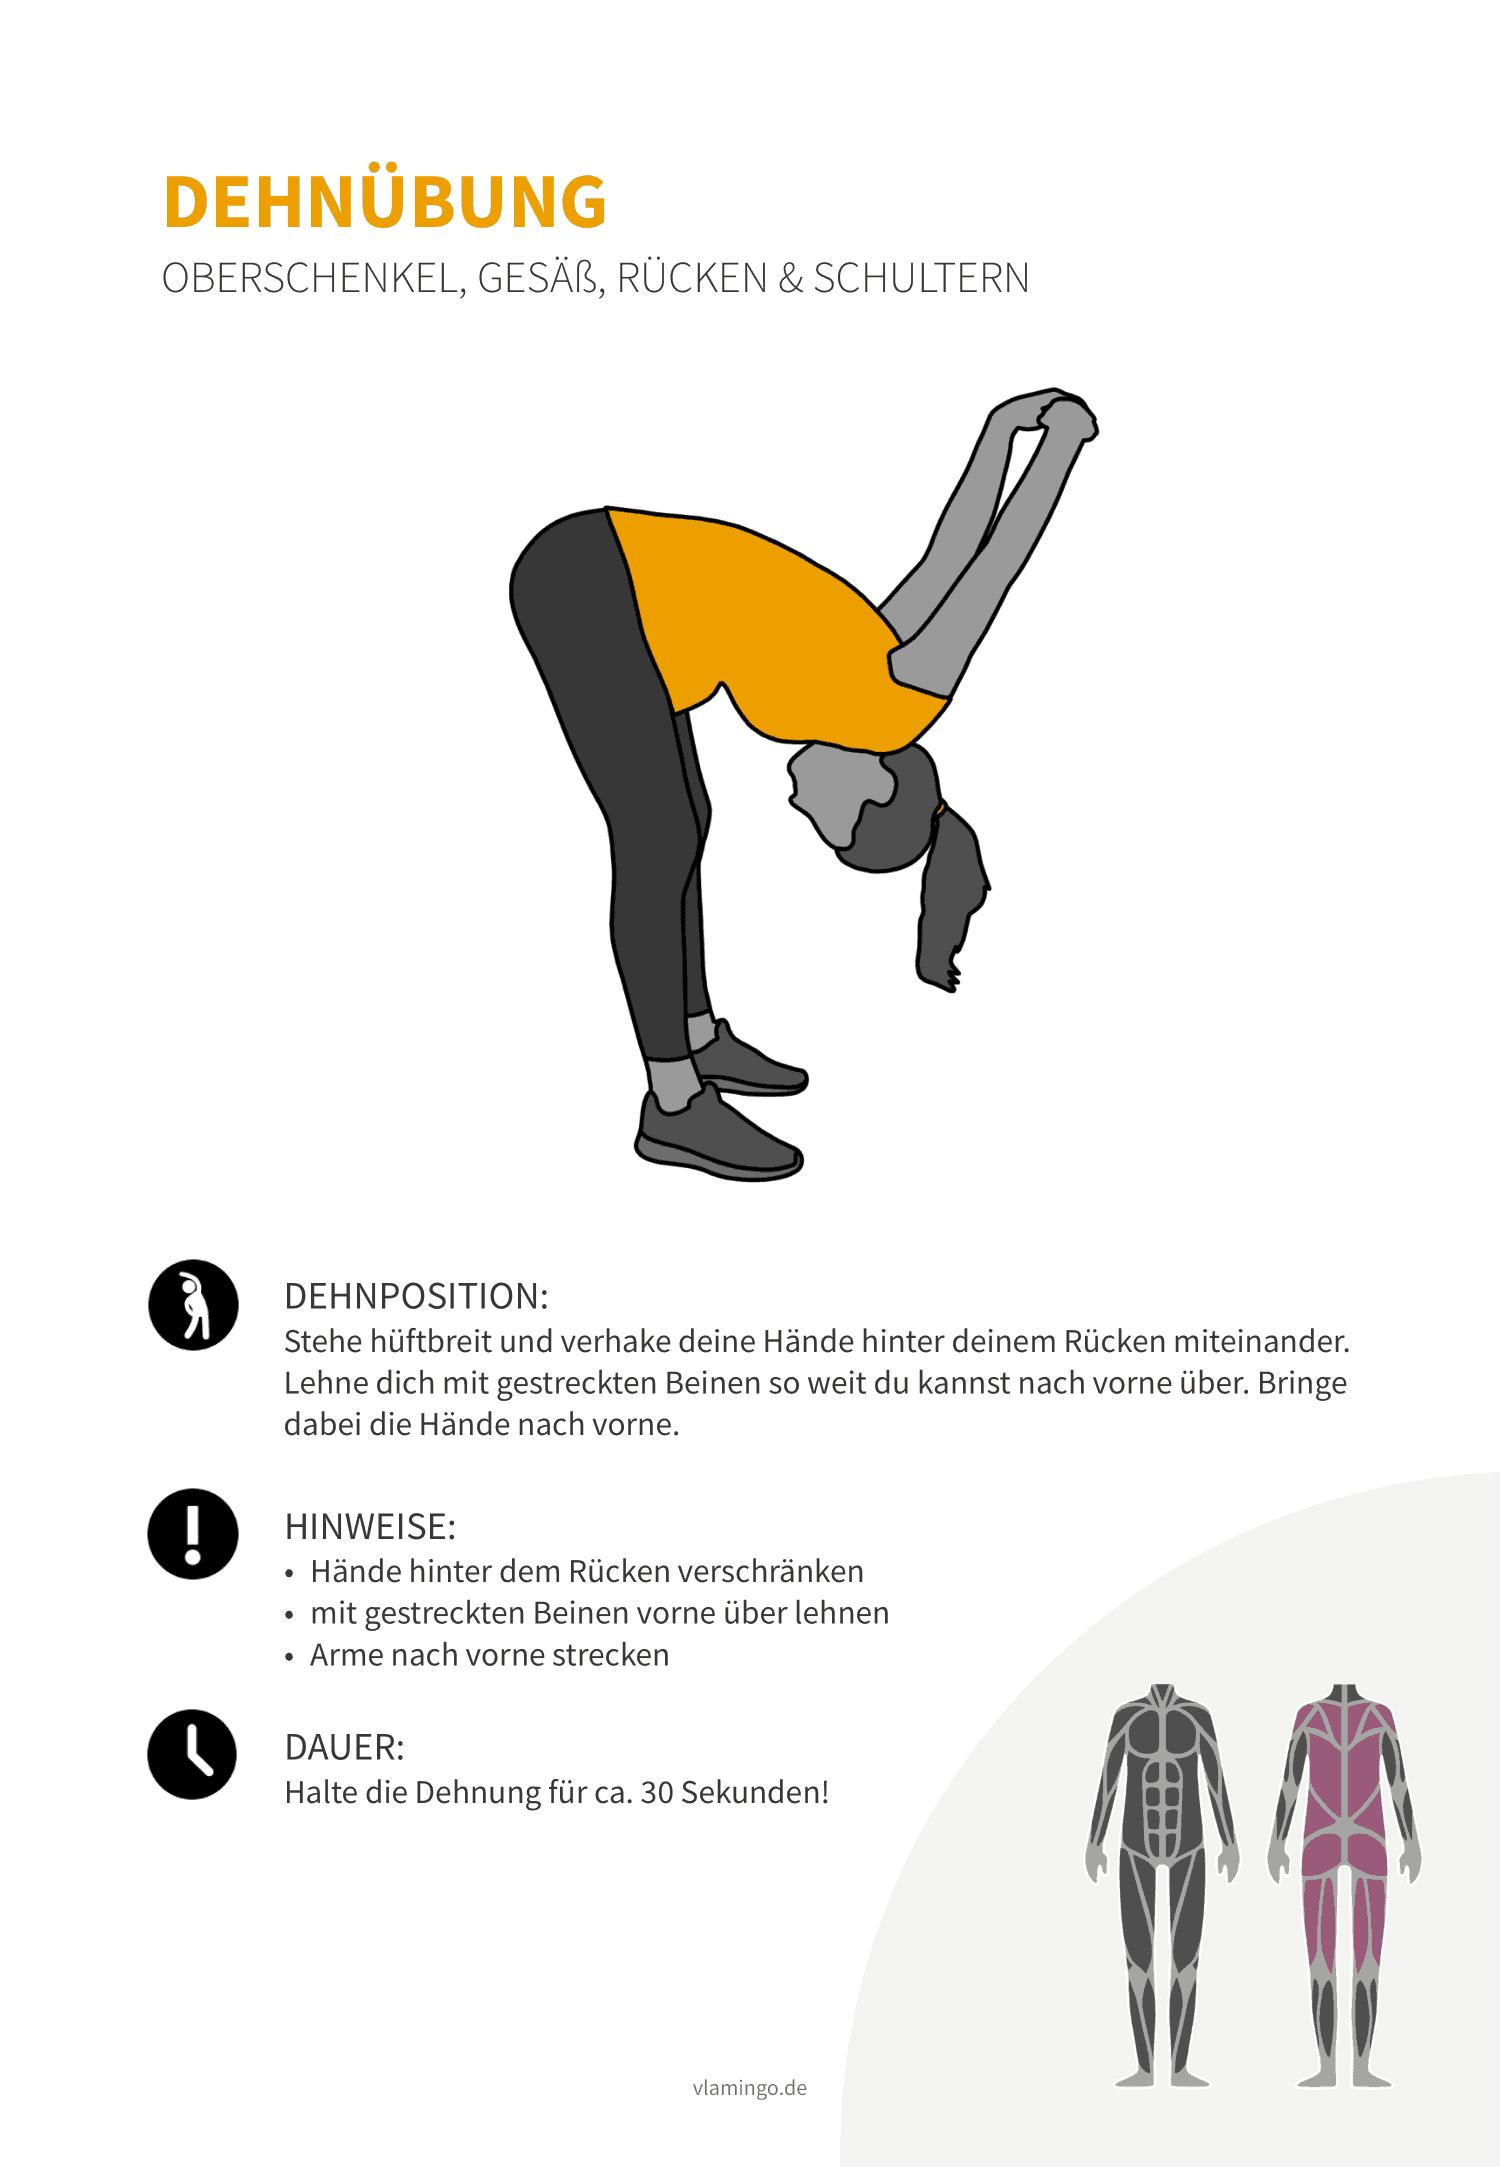 Dehnübung 025 - Oberschenkel, Gesäß, Rücken & Schultern